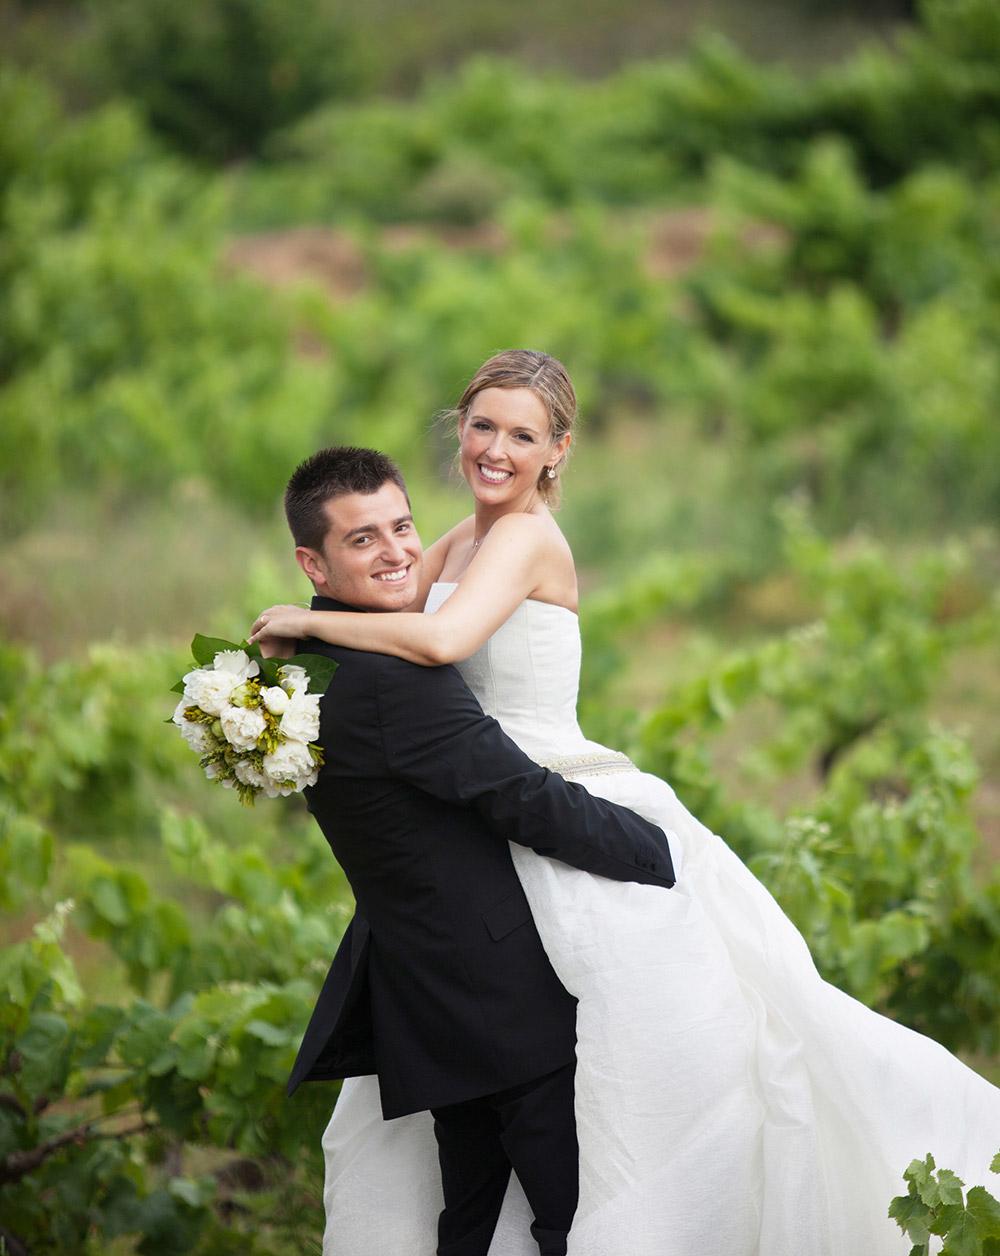 fotografia-casament-jordi-muntal-granollers-06